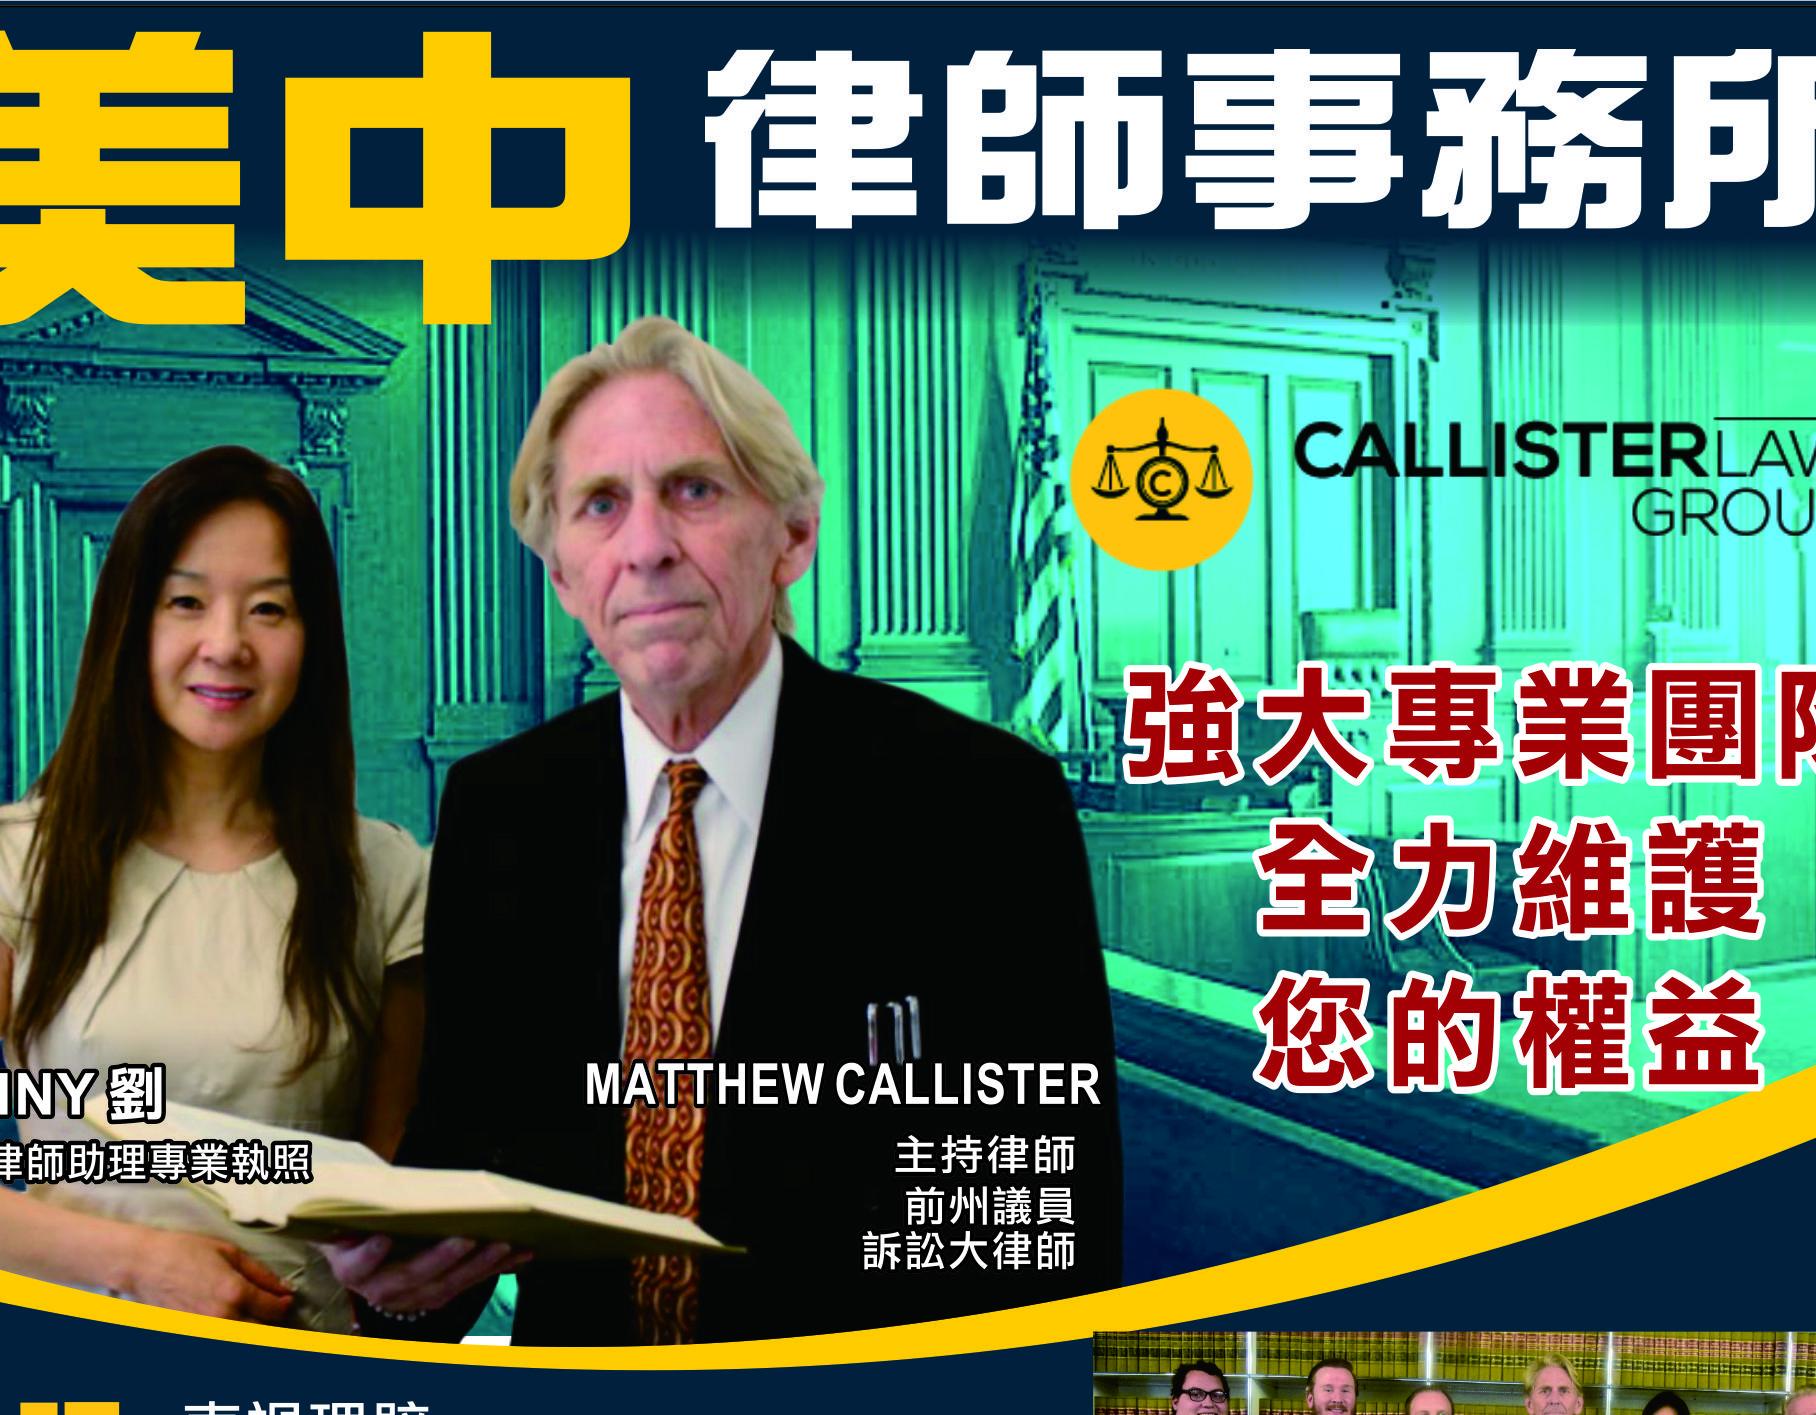 美中律师事务所-Callister &amp; Associates Attorneys At Law<